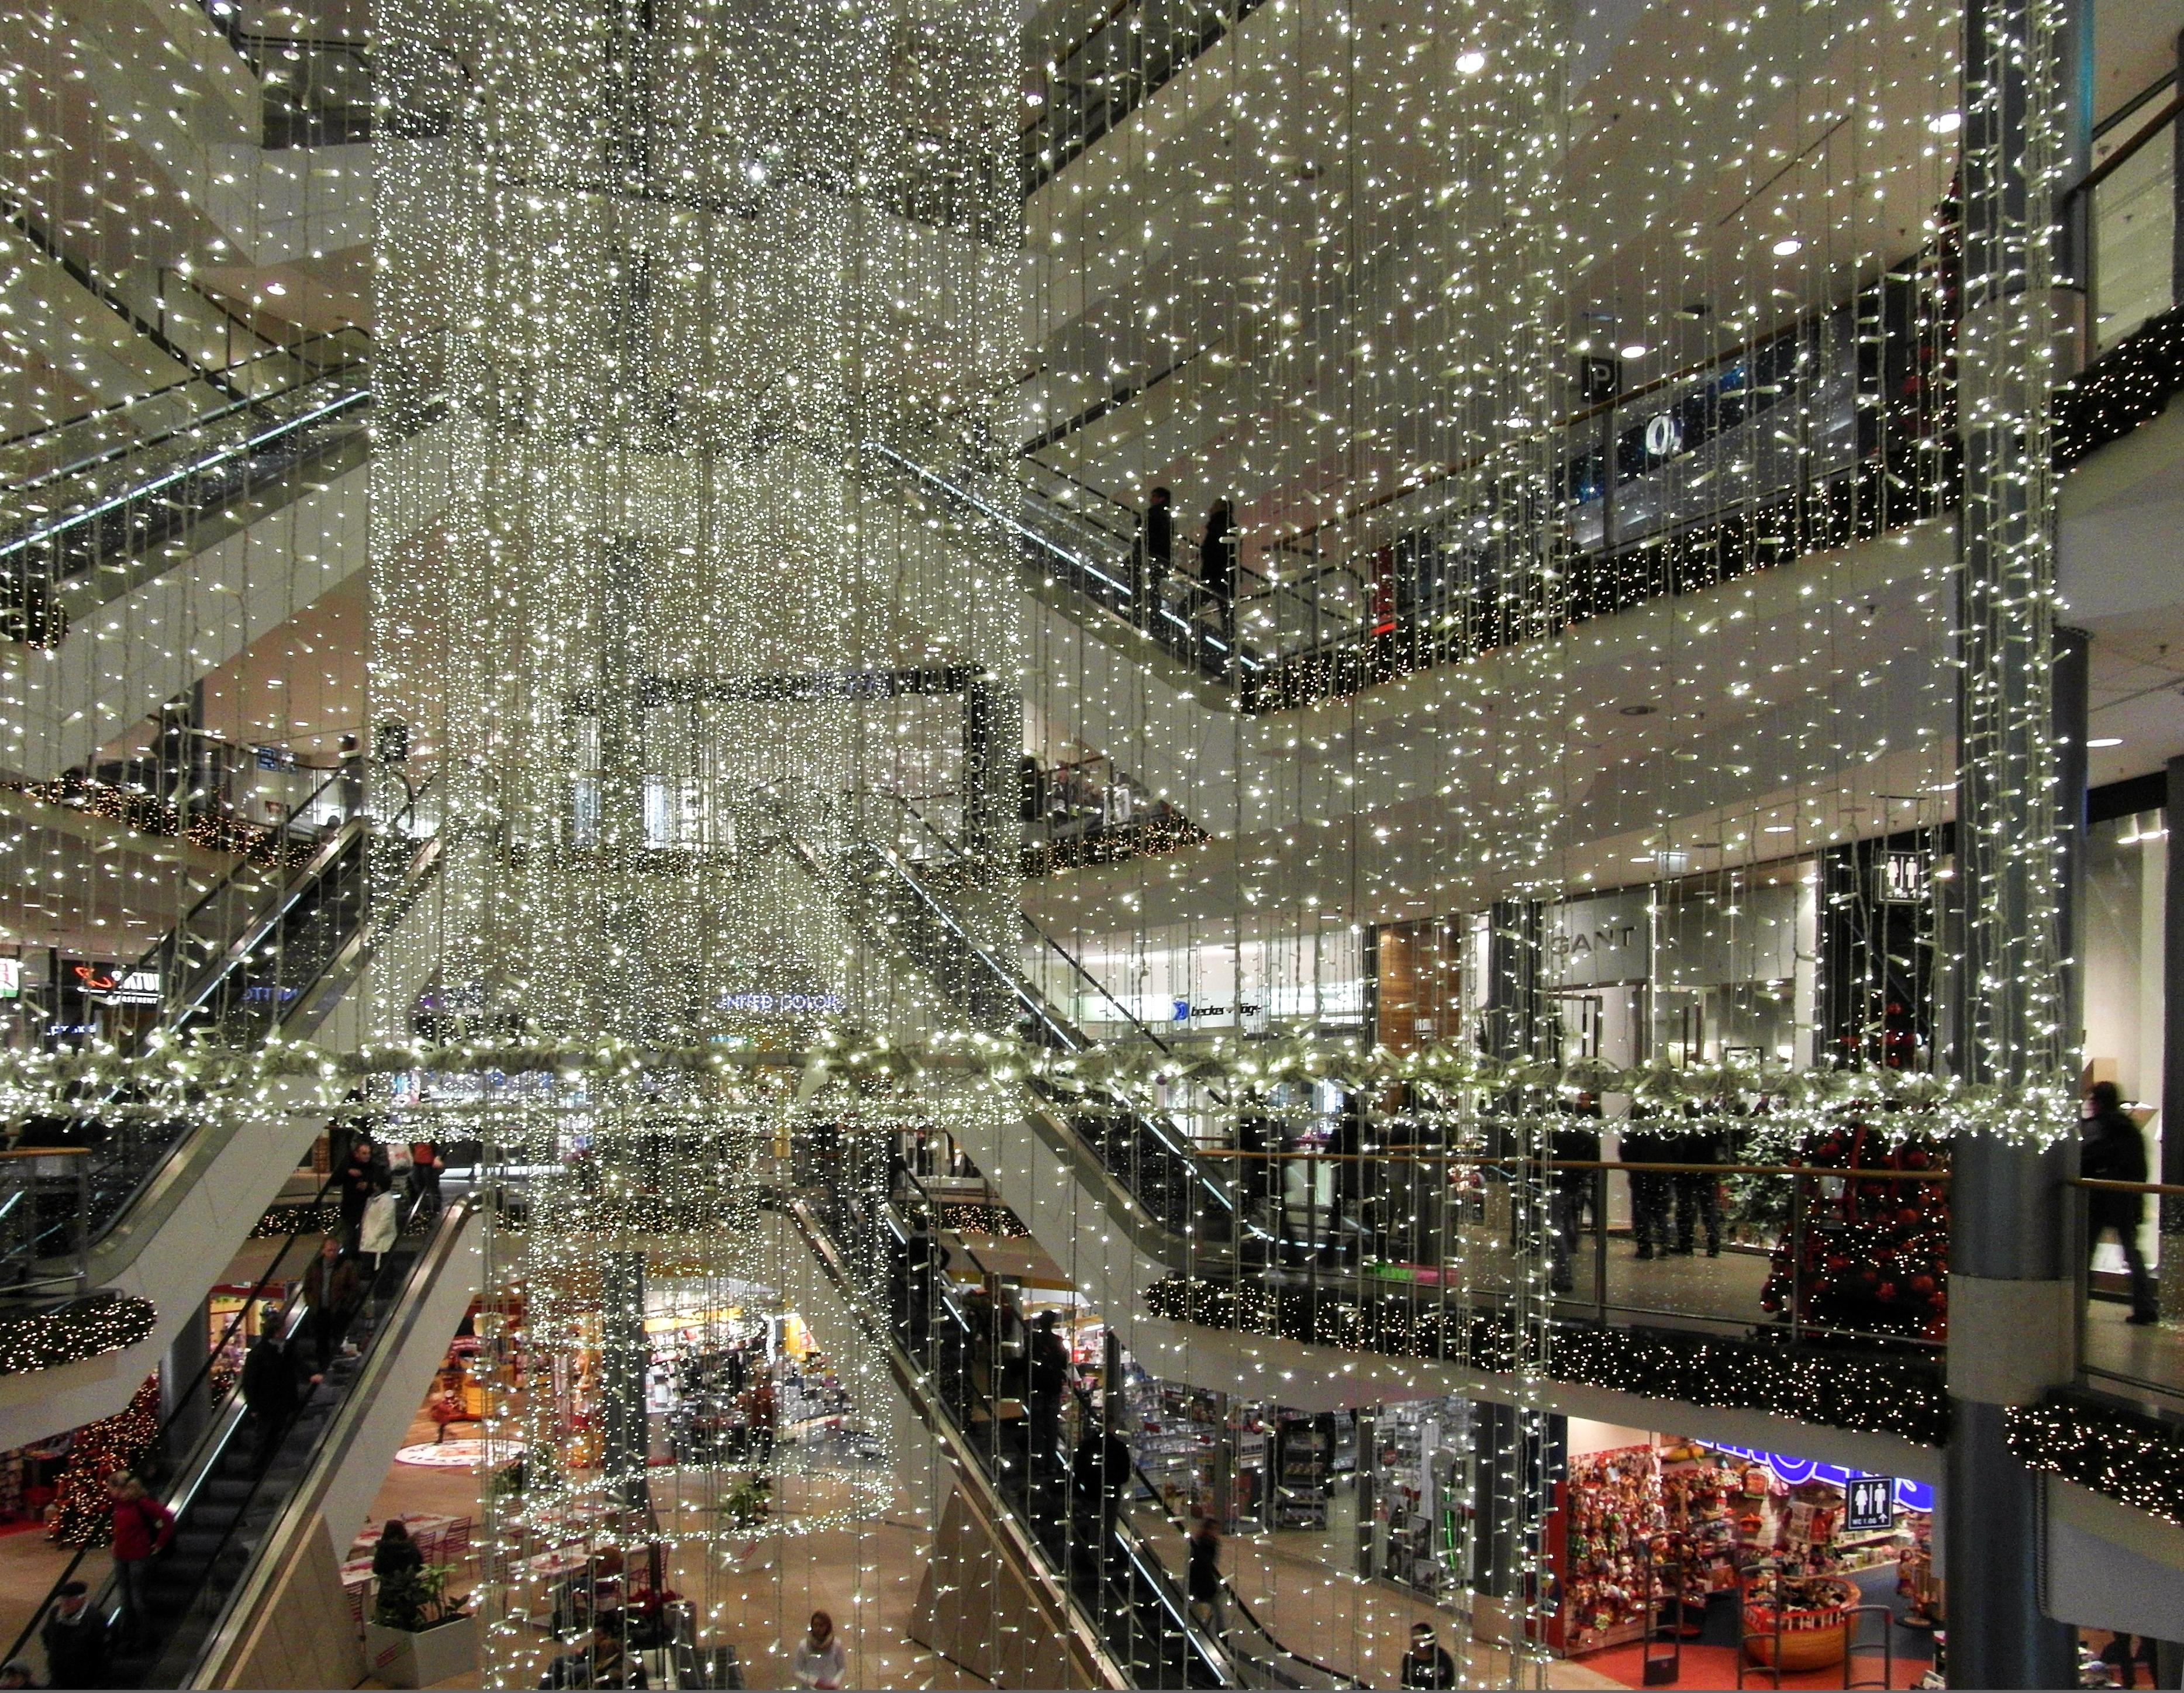 Ab Wann Weihnachtsbeleuchtung.Weihnachtsbeleuchtung Schloss 1 Neue Braunschweiger